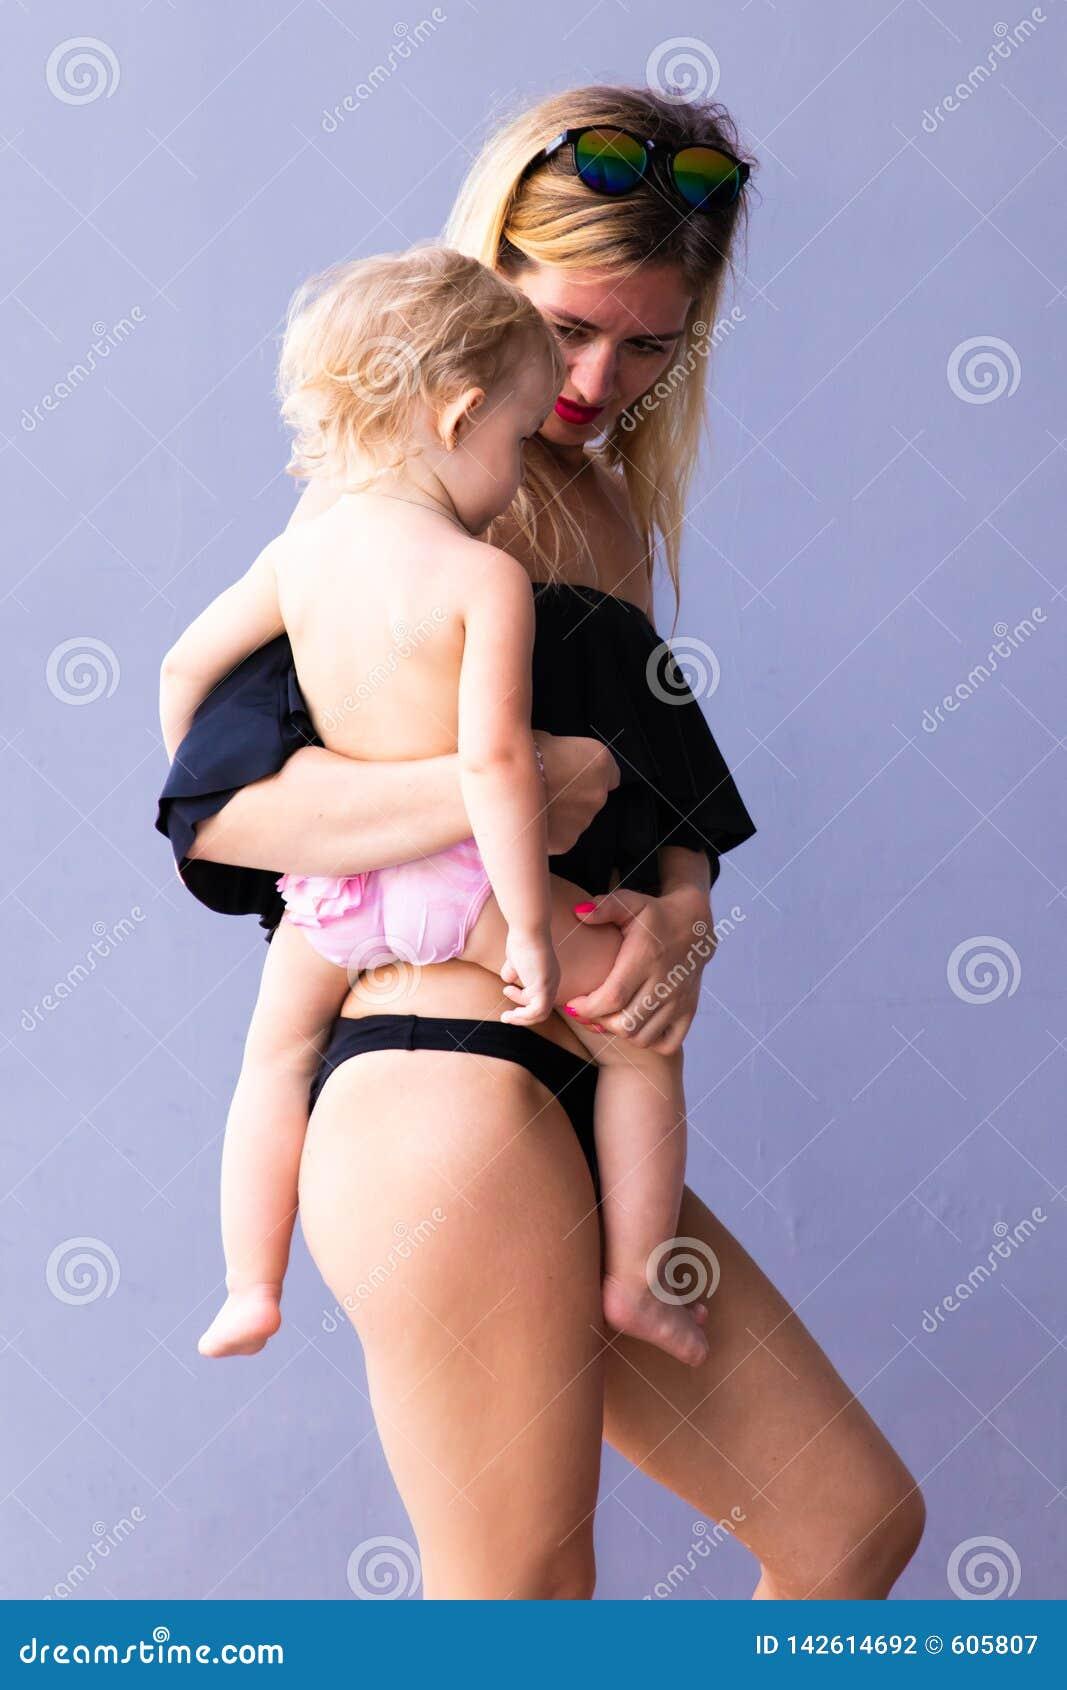 Θηλυκό με ένα μωρό στα όπλα της στο συνοφρύωμα και τα γέλια σε ένα μπλε κλίμα